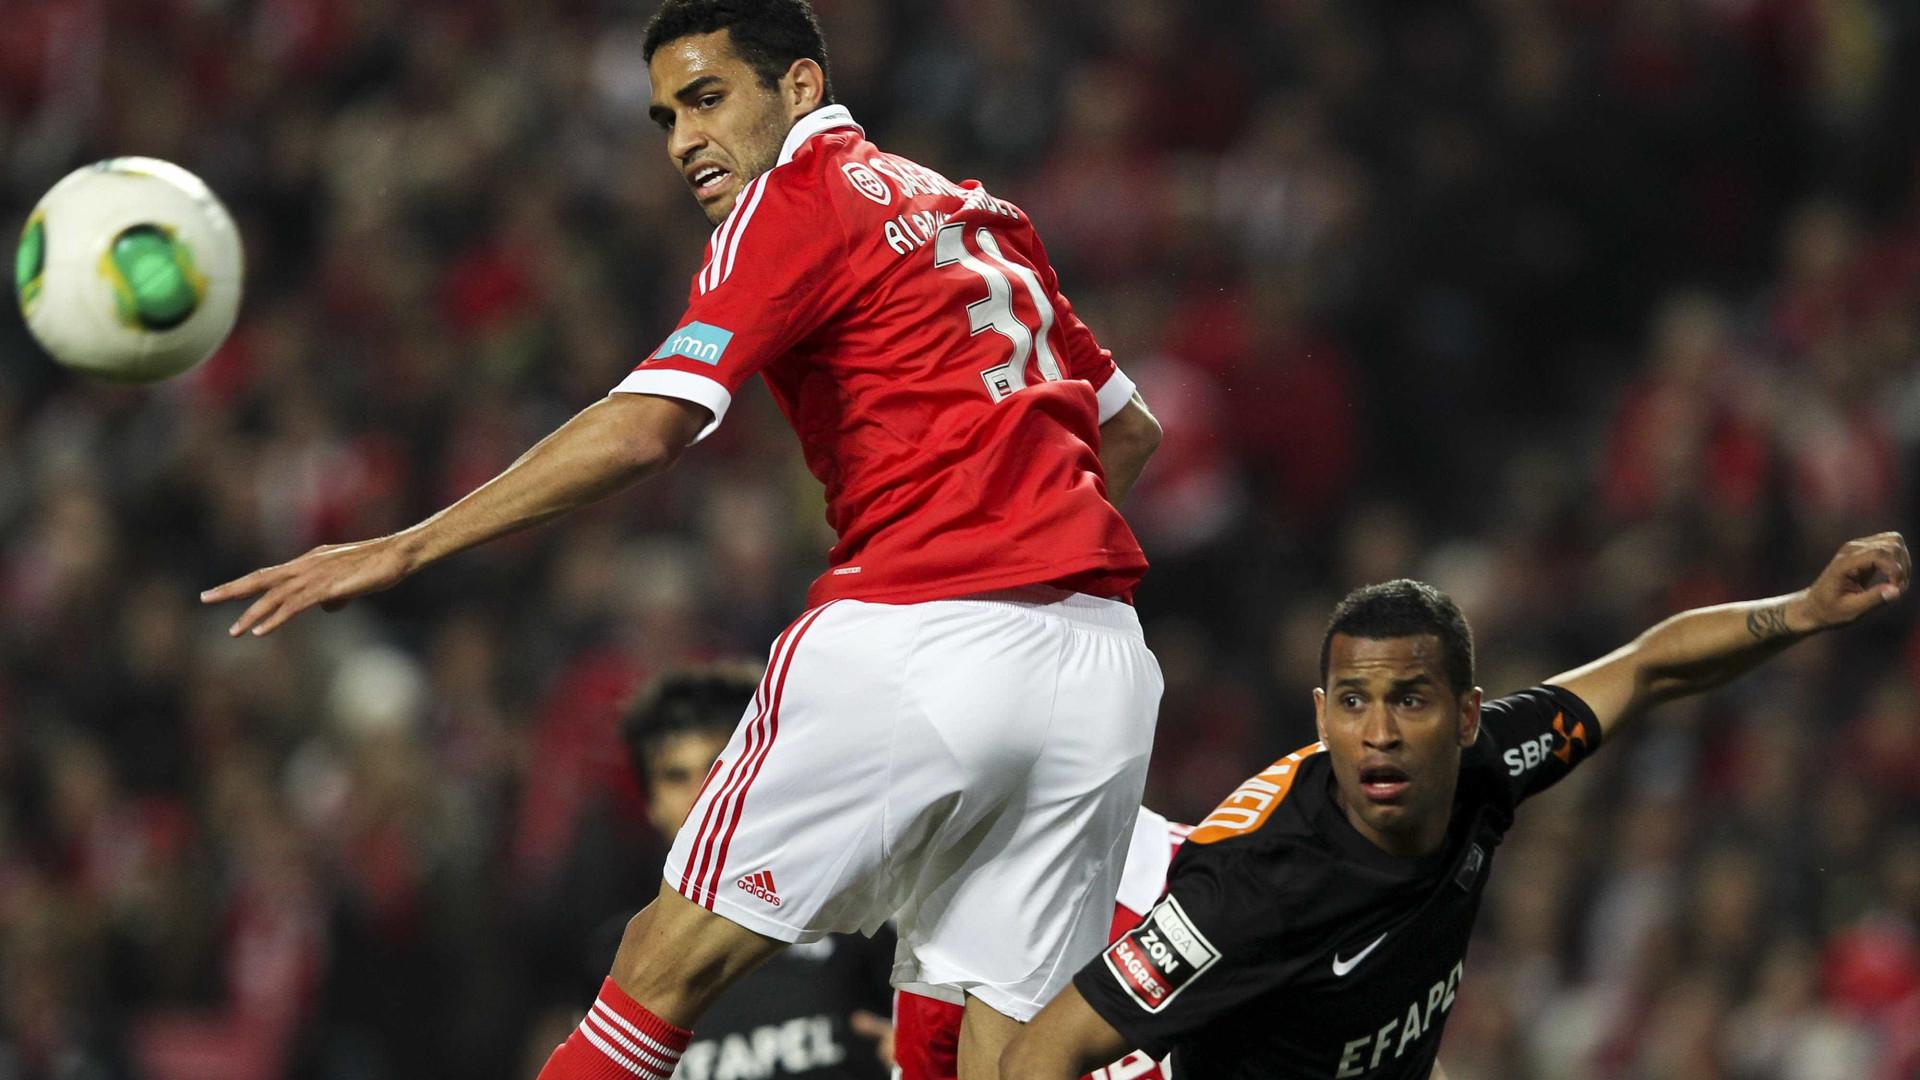 Notícias ao Minuto - Kardec de regresso aos convocados do Benfica 1b704660a827b